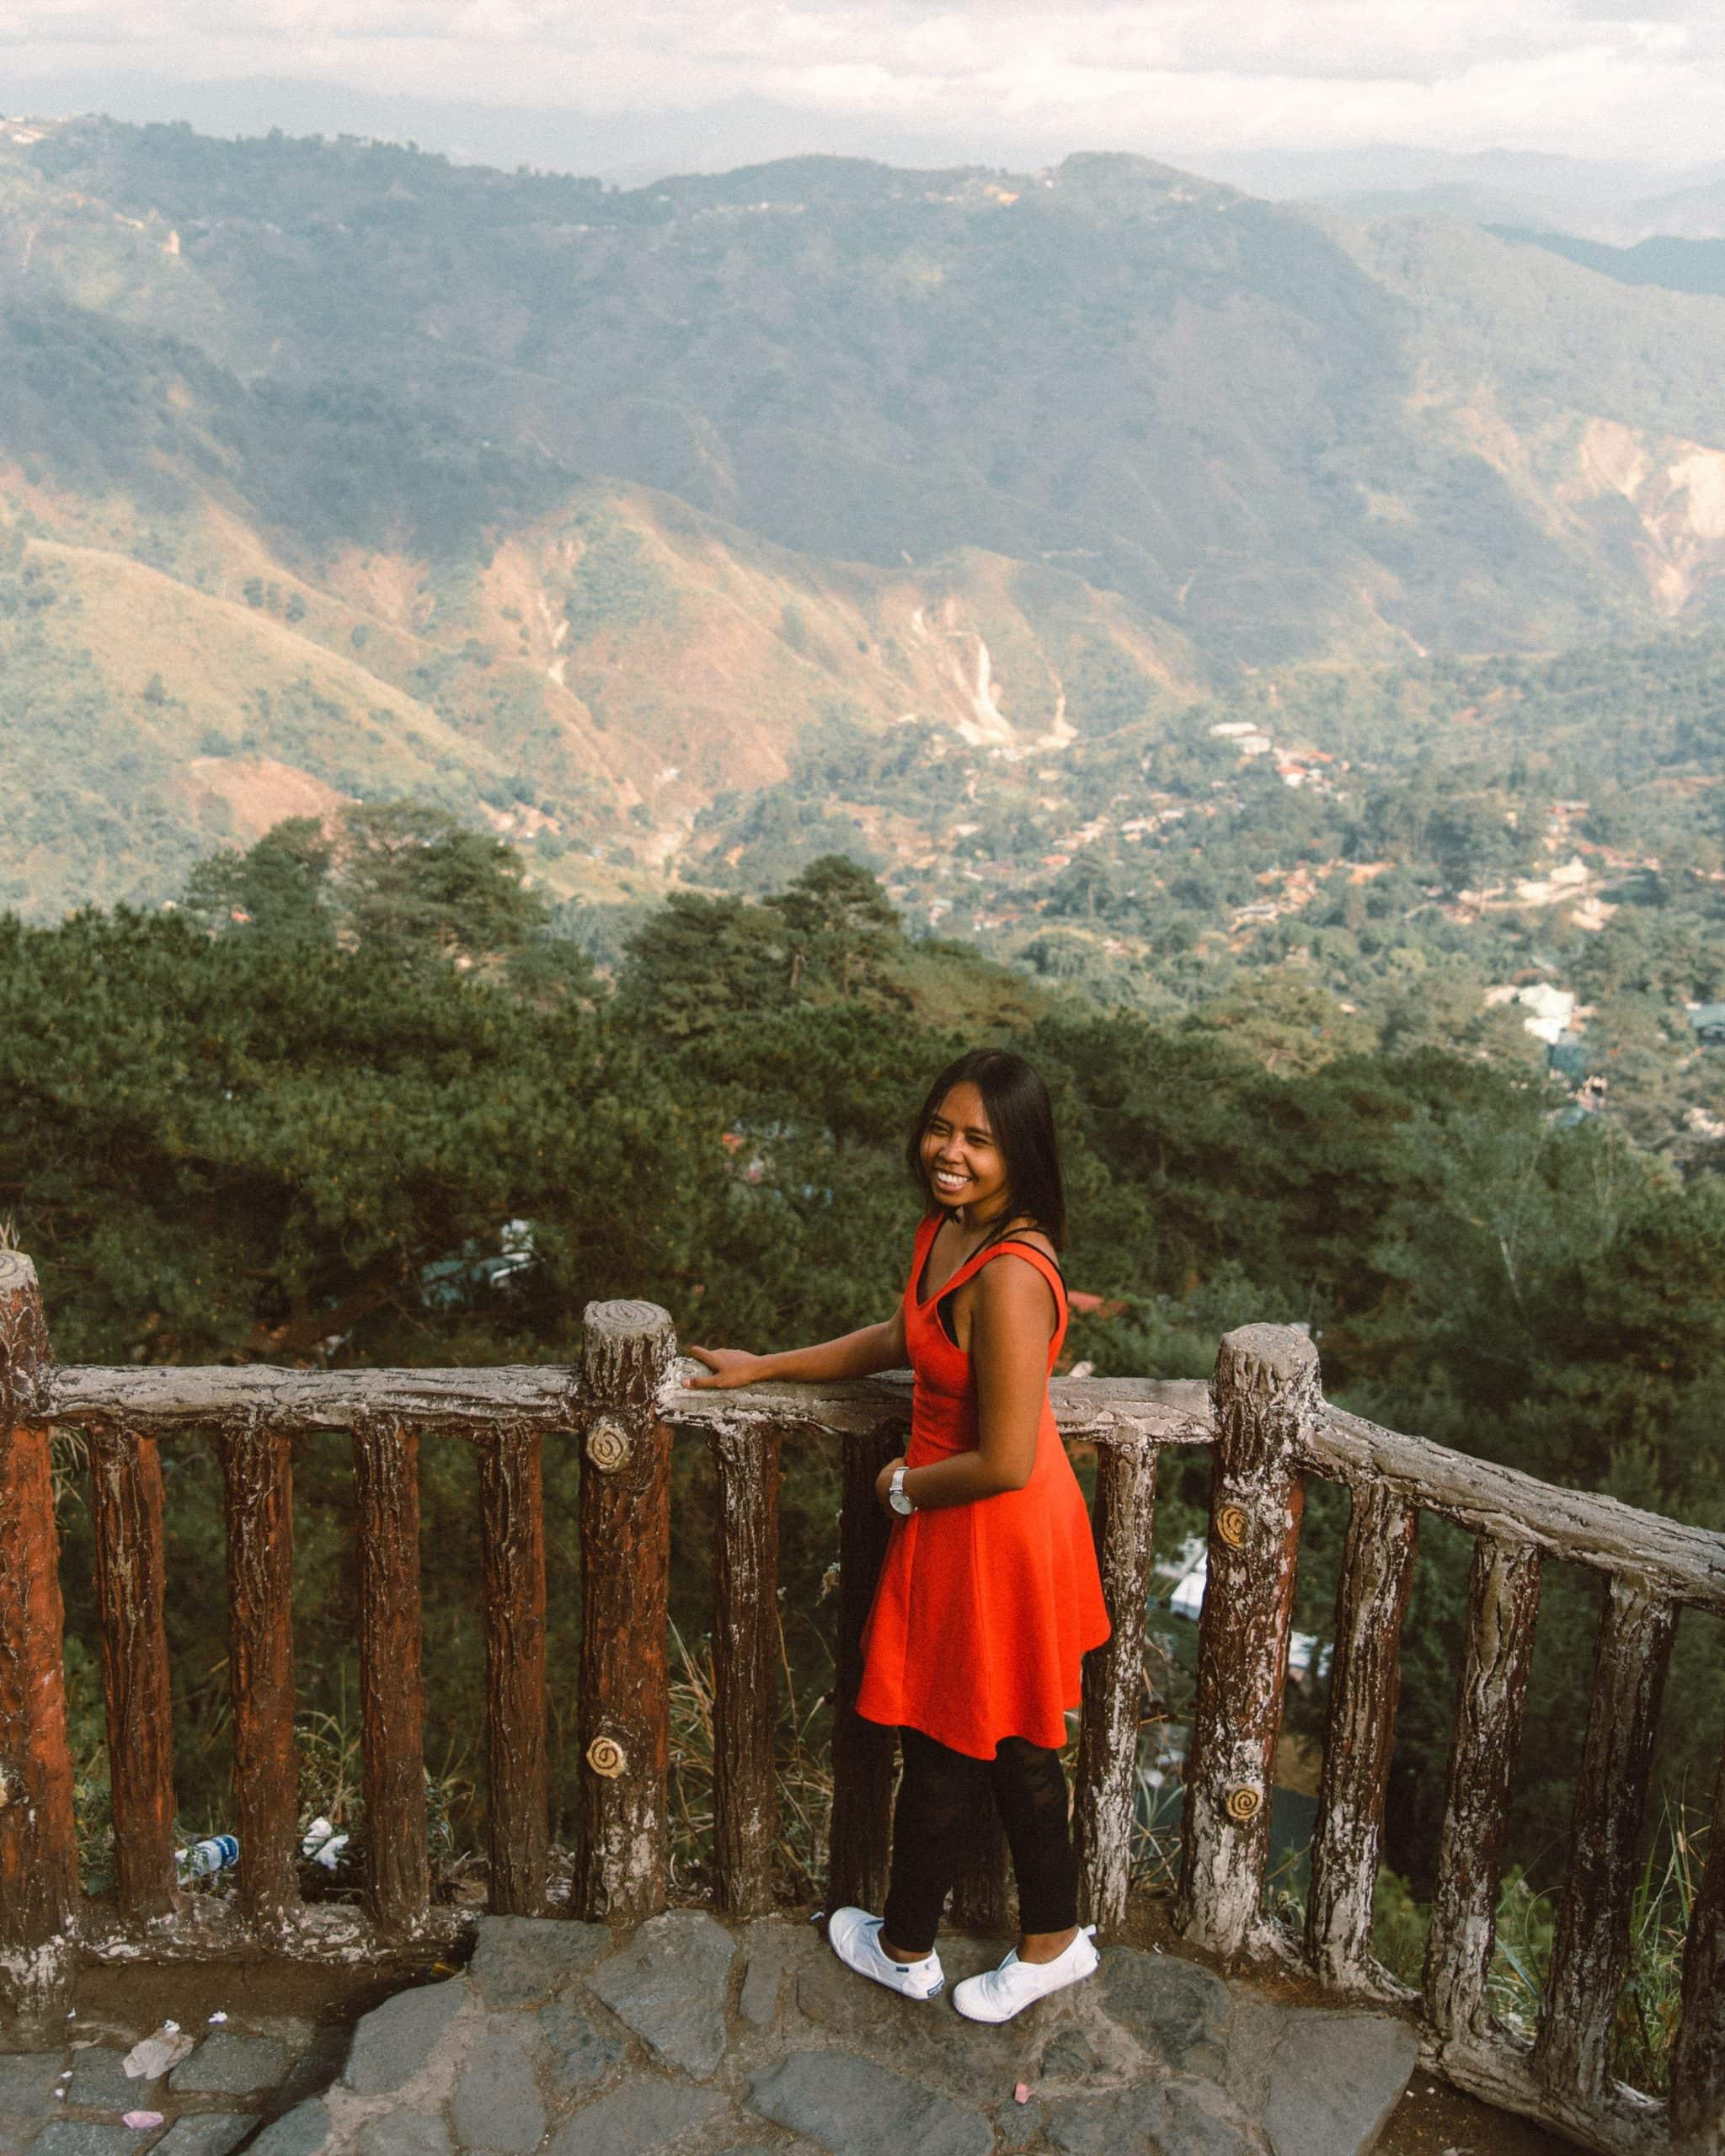 Baguio tourist spots, Baguio travel guide, Mine Views Park